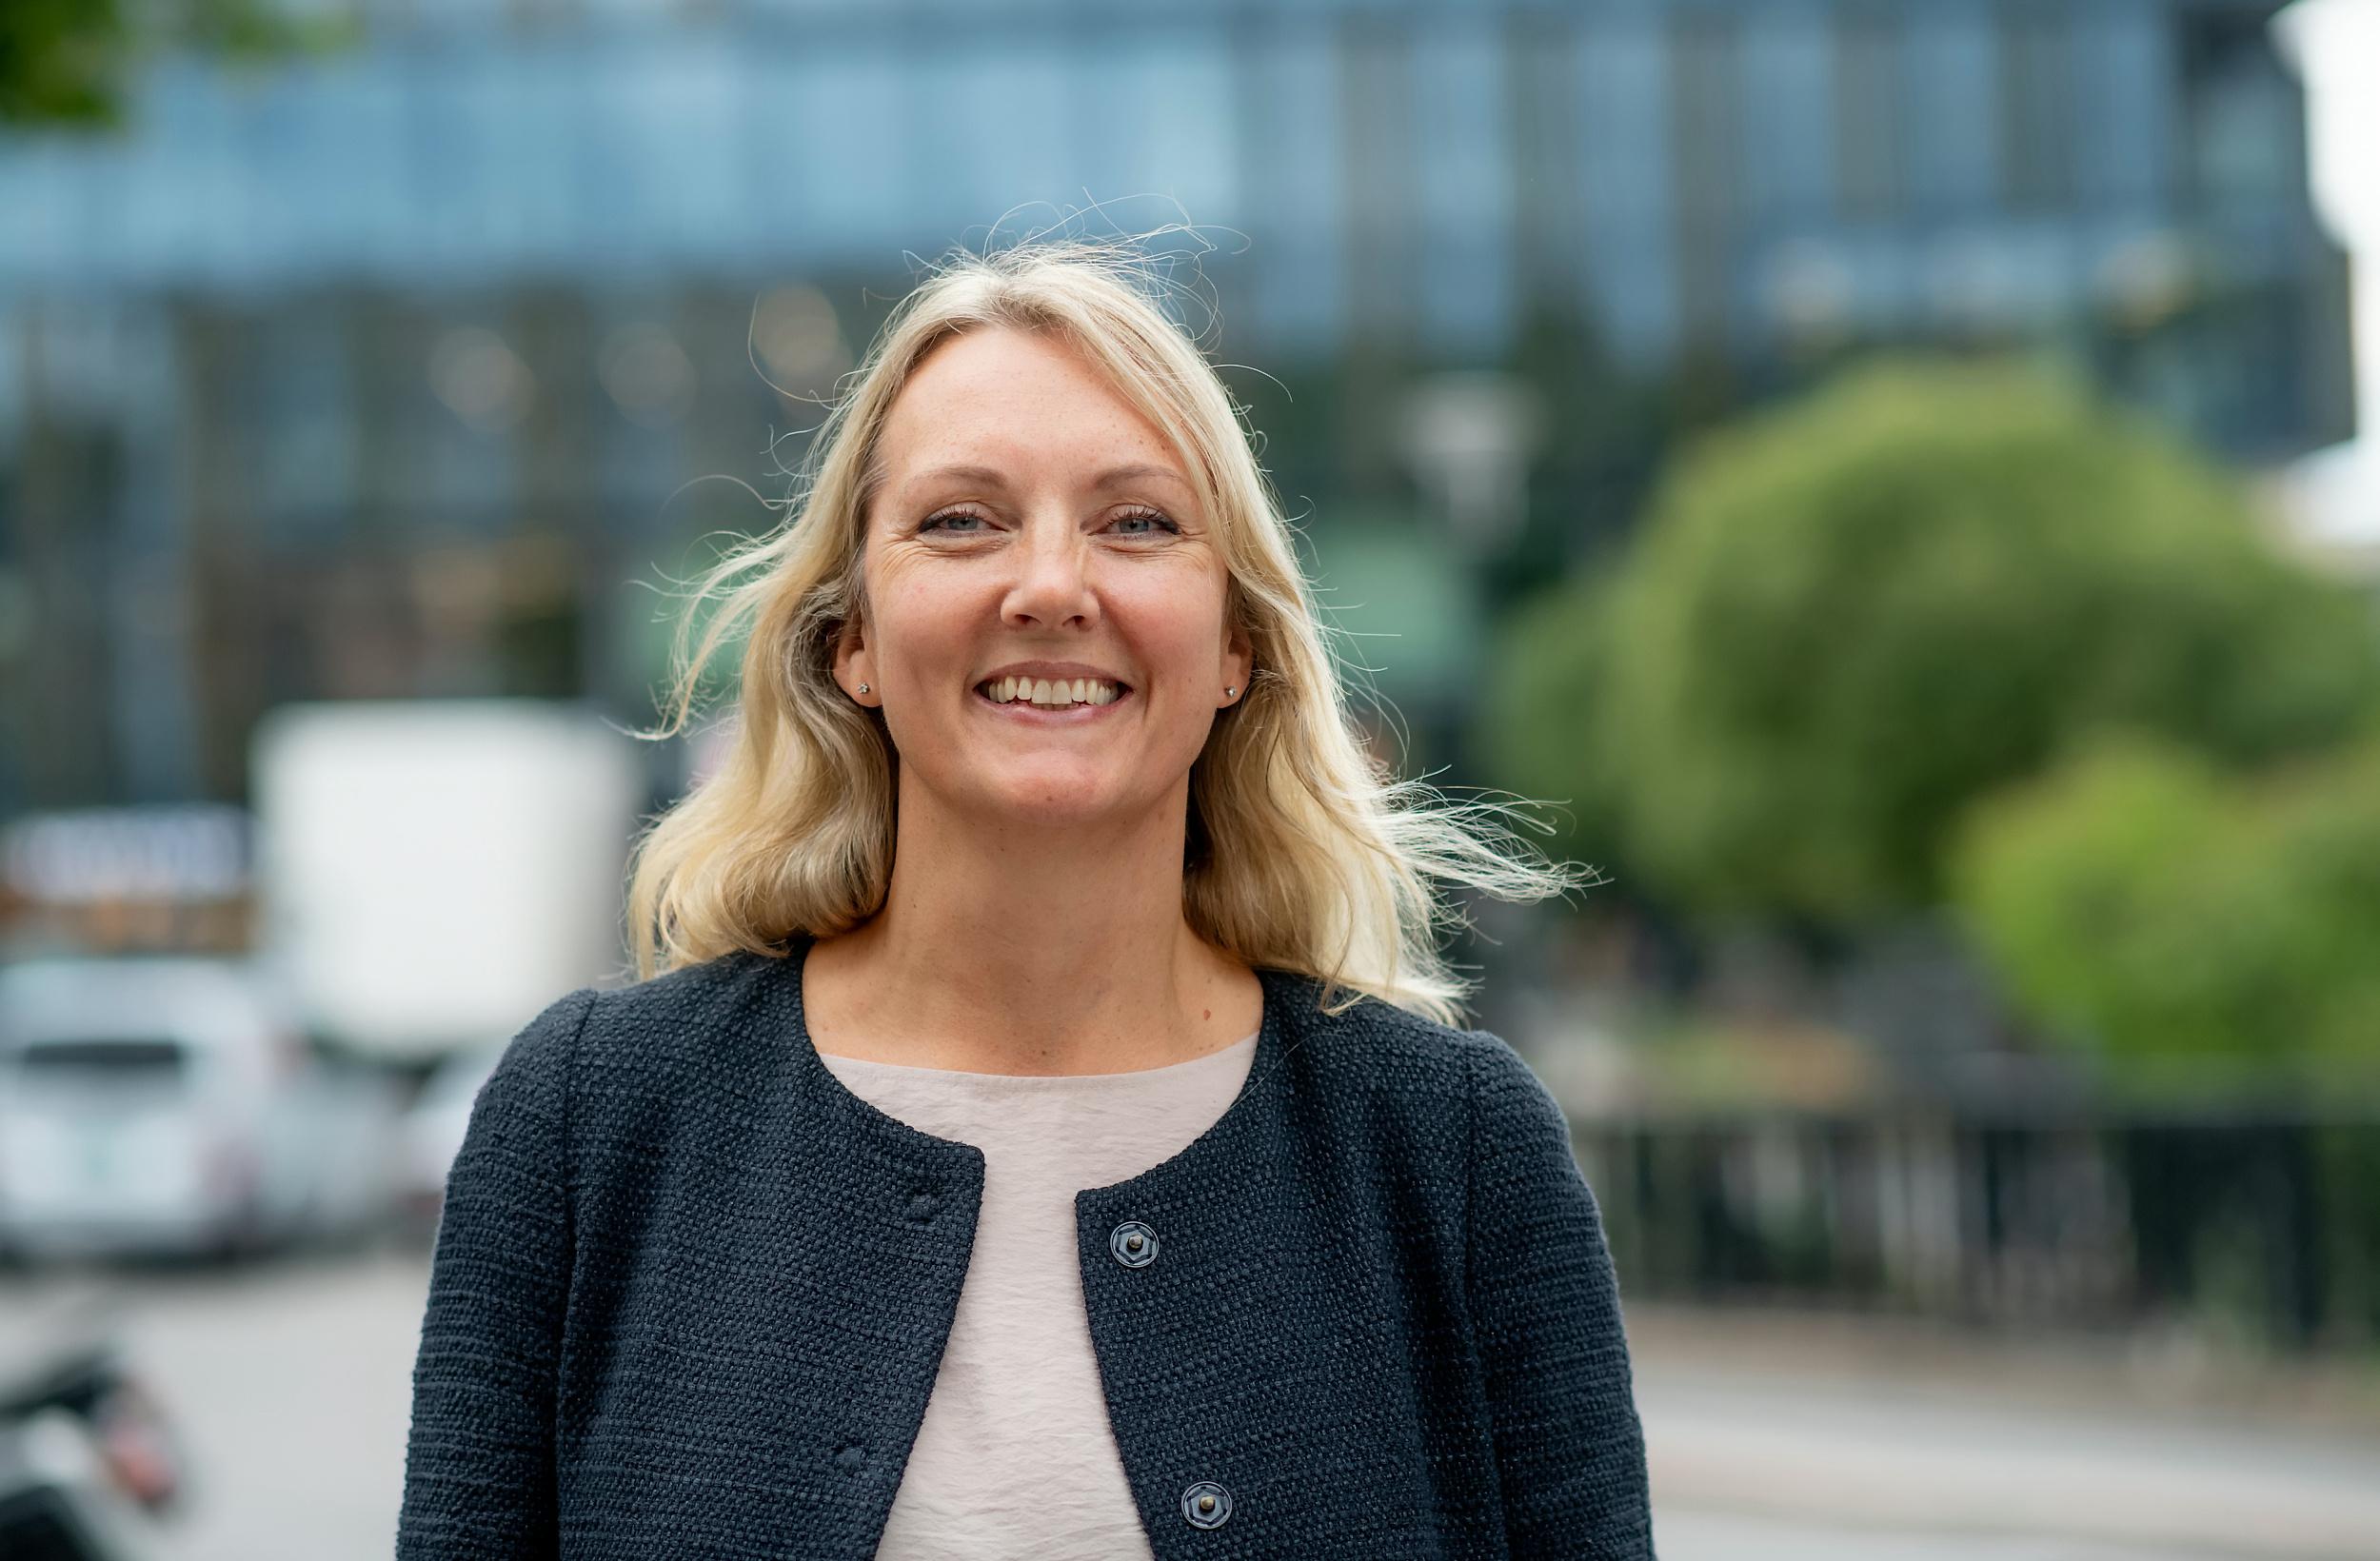 Ragnhild Tronstad, ny fagansvarlig for scenekunst i Kulturtanken. Foto: Lars Opstad